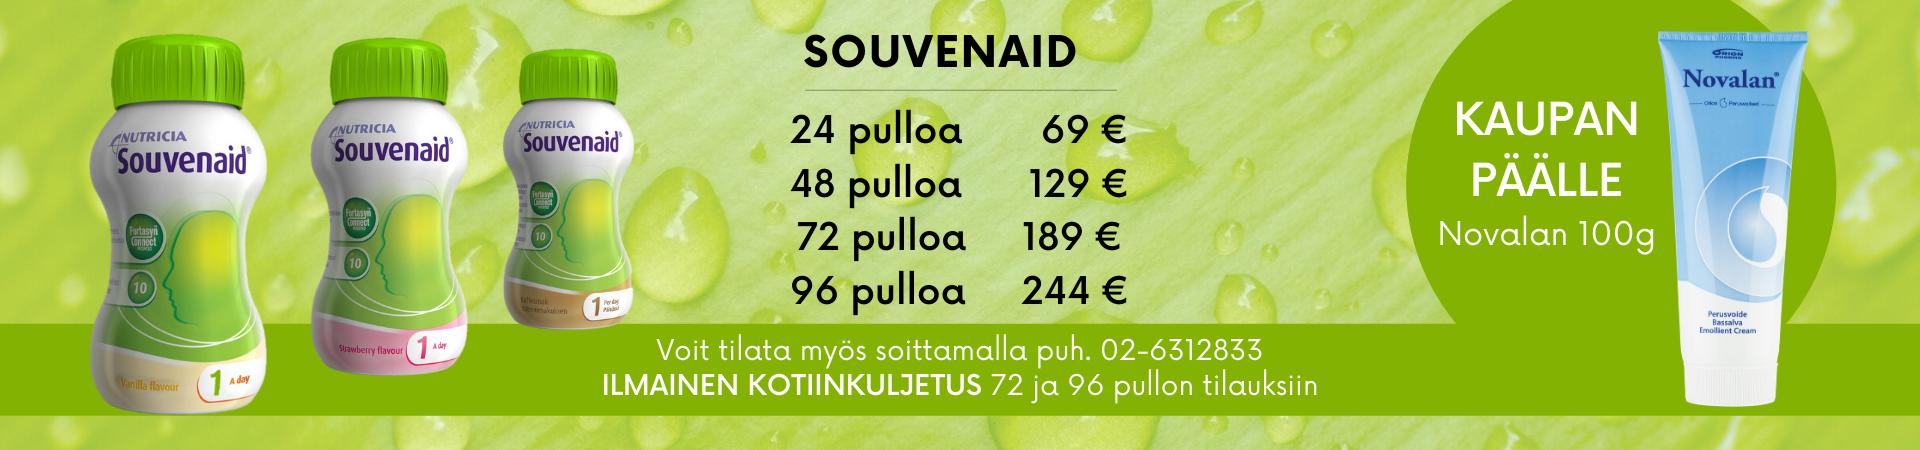 Souvenaid Novalan kaupan päälle 19.5. ->